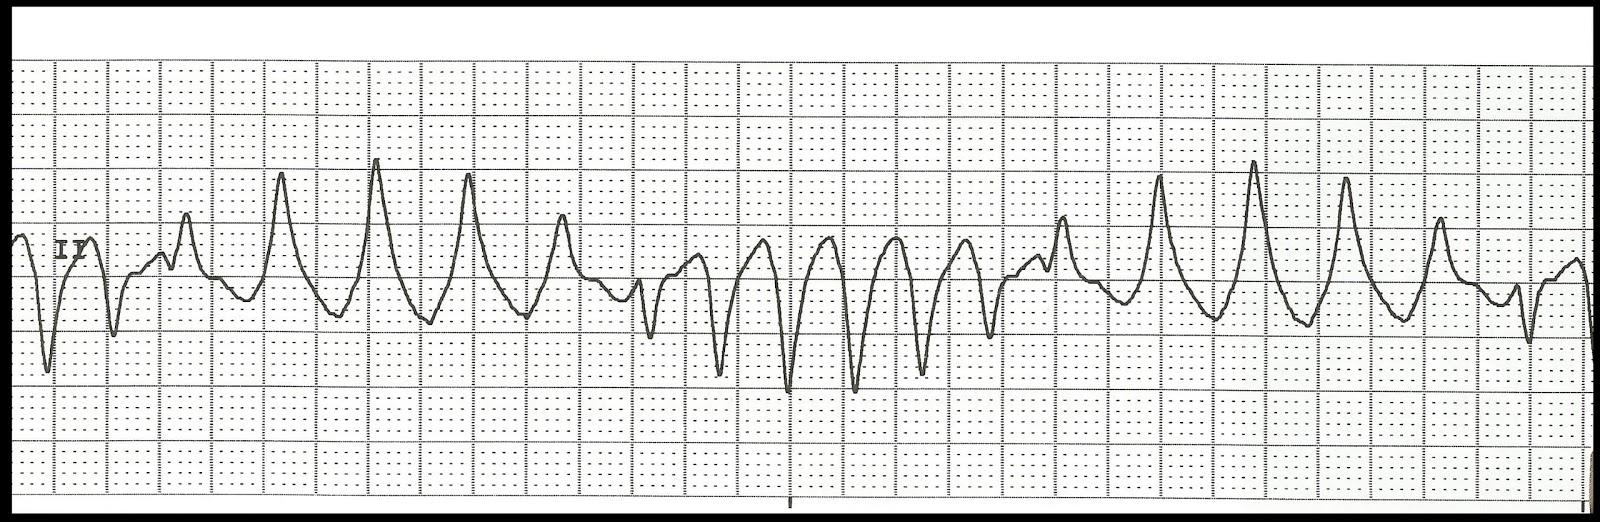 What is a one minute rhythm strip ekg